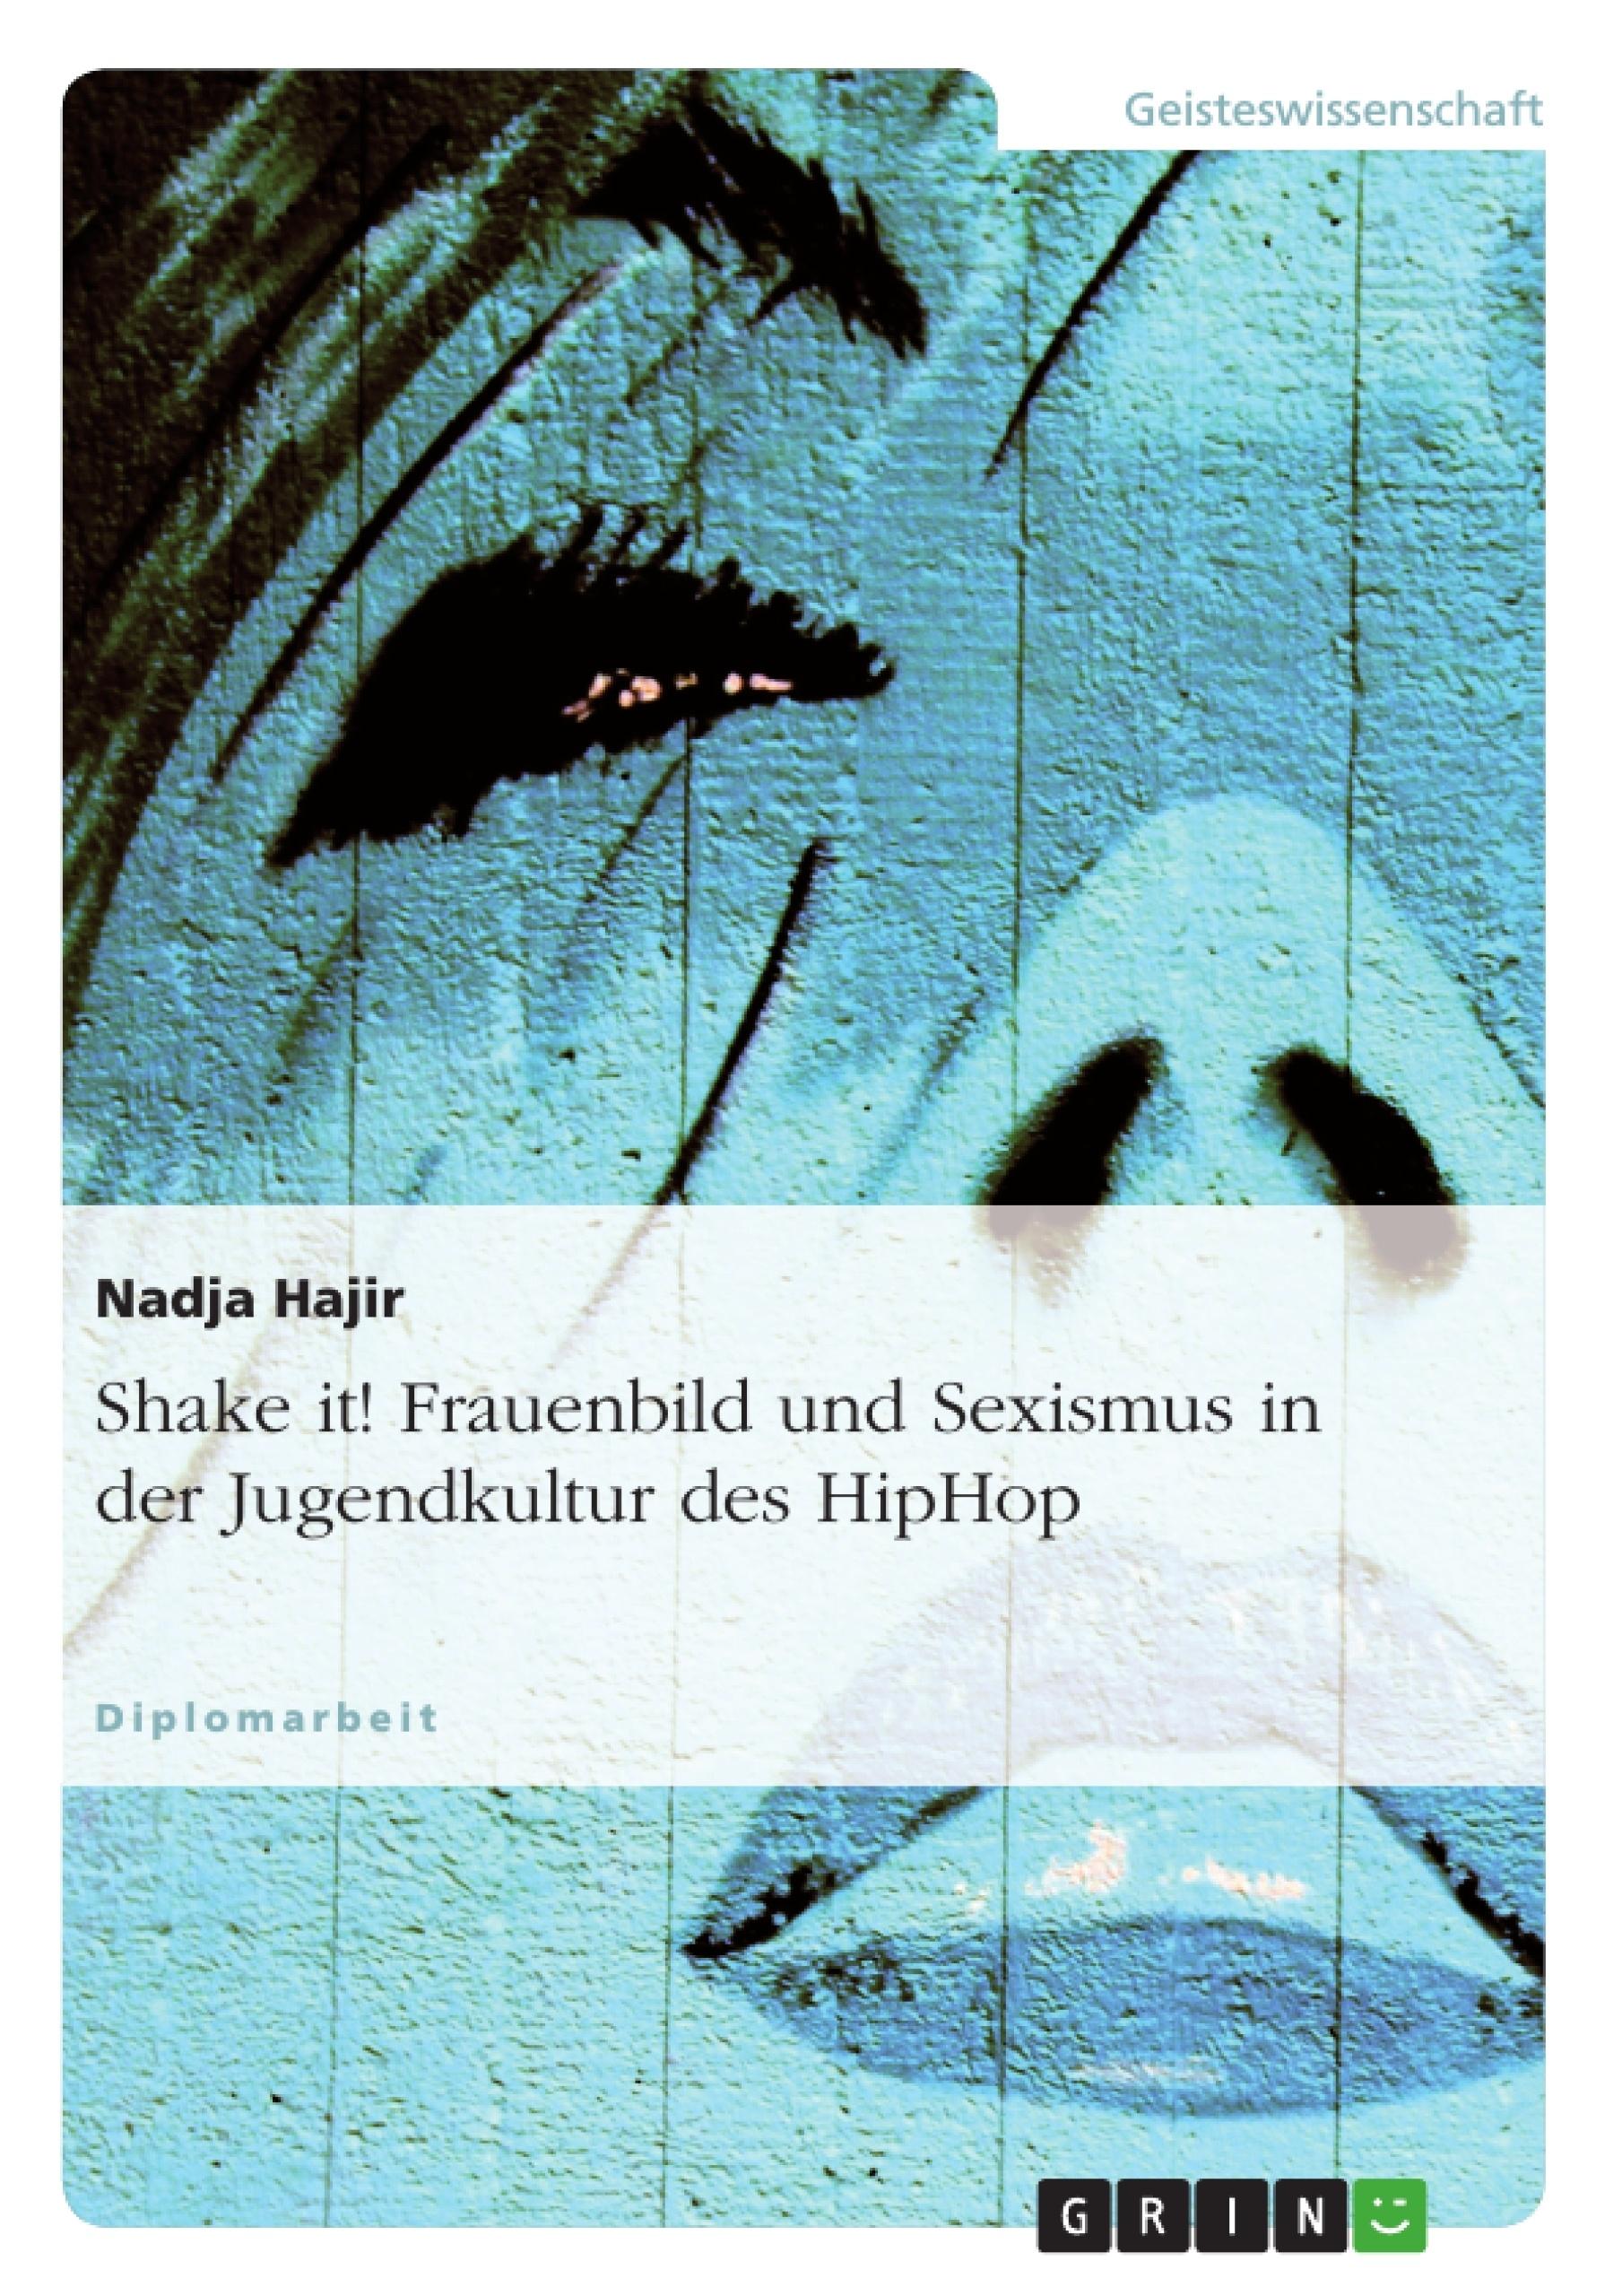 Titel: Shake it! Frauenbild und Sexismus in der Jugendkultur des HipHop